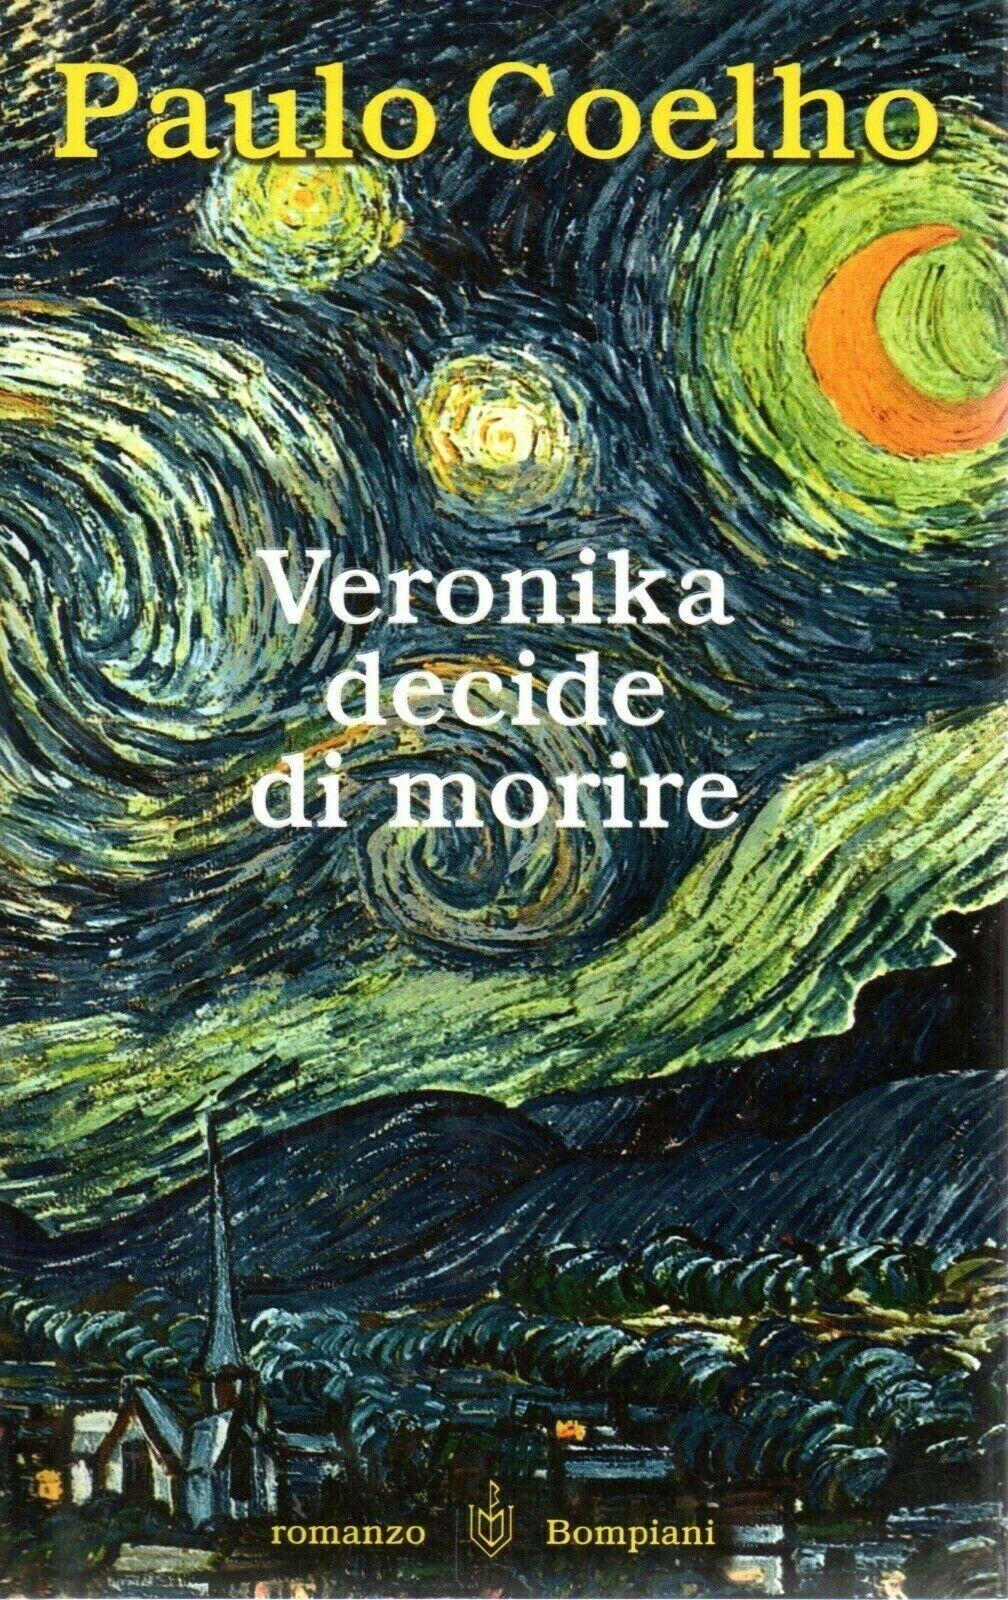 Immagine 1 - Paulo Coelho - Veronika decide di morire - Romanzo Bompiani - 22° ed. 2003